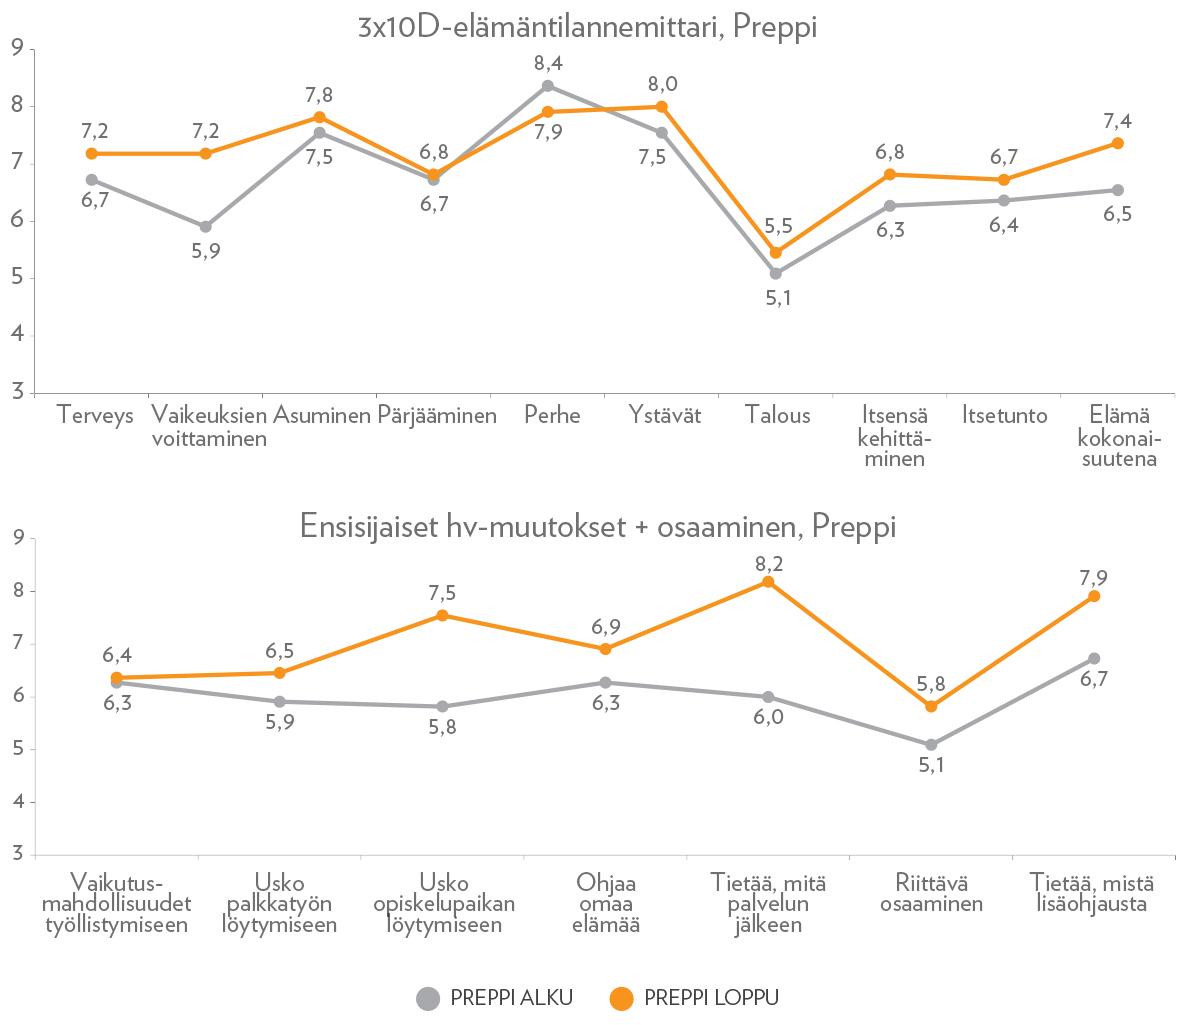 Kuvio 2. Preppi-valmennukseen osallistuneiden hyvinvointi valmennuksen alussa ja lopussa. a) 3X10D-elämäntilannemittari, b) Ensisijaiset hyvinvointimuutokset sekä osaaminen.